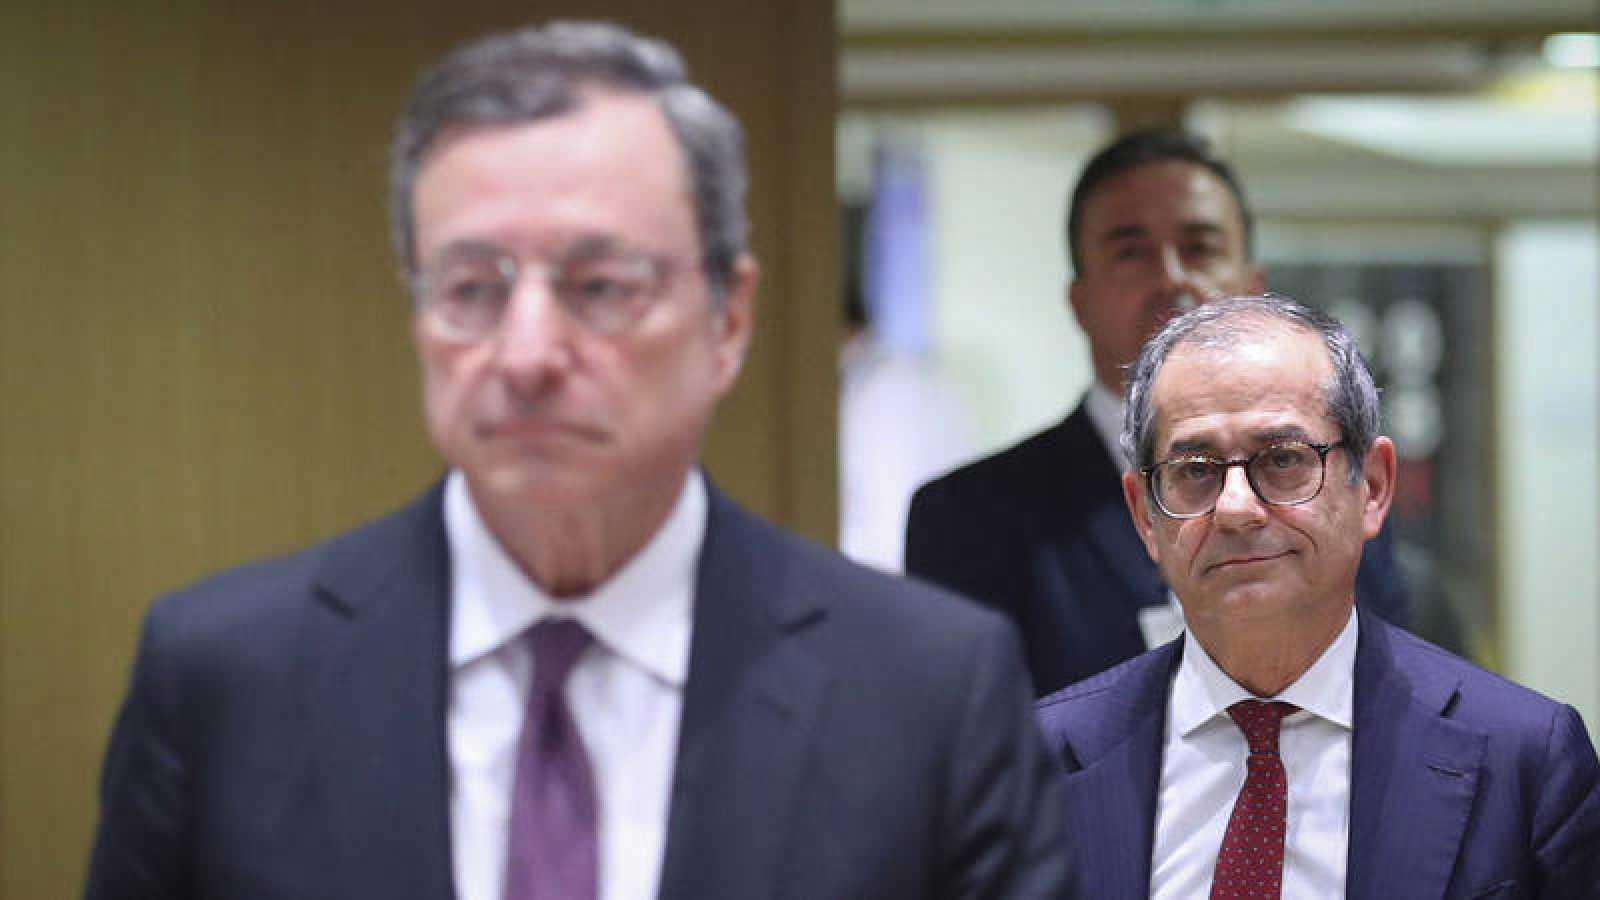 El presidente del BCE, Mario Draghi, y el ministro de Economía italiano, Giovanni Tria, durante la reunión de los ministros de Economía de la eurozona